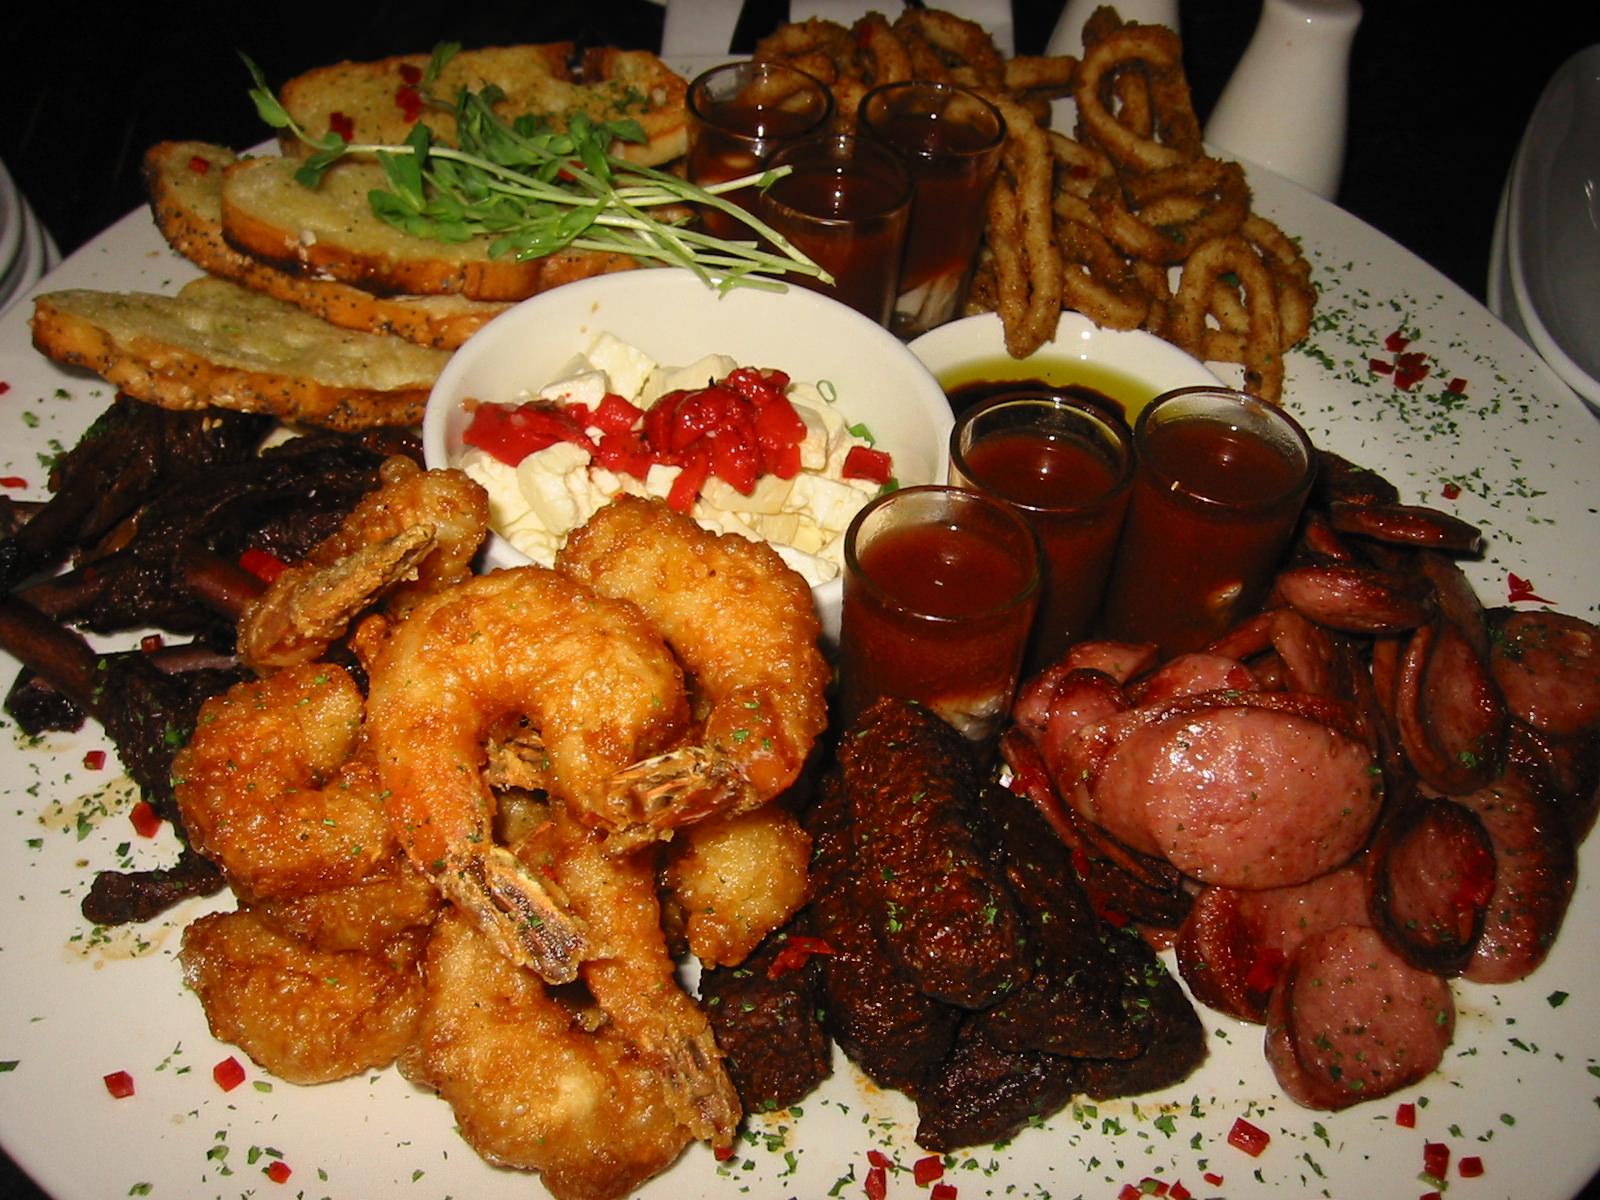 Taste Plate angle 2